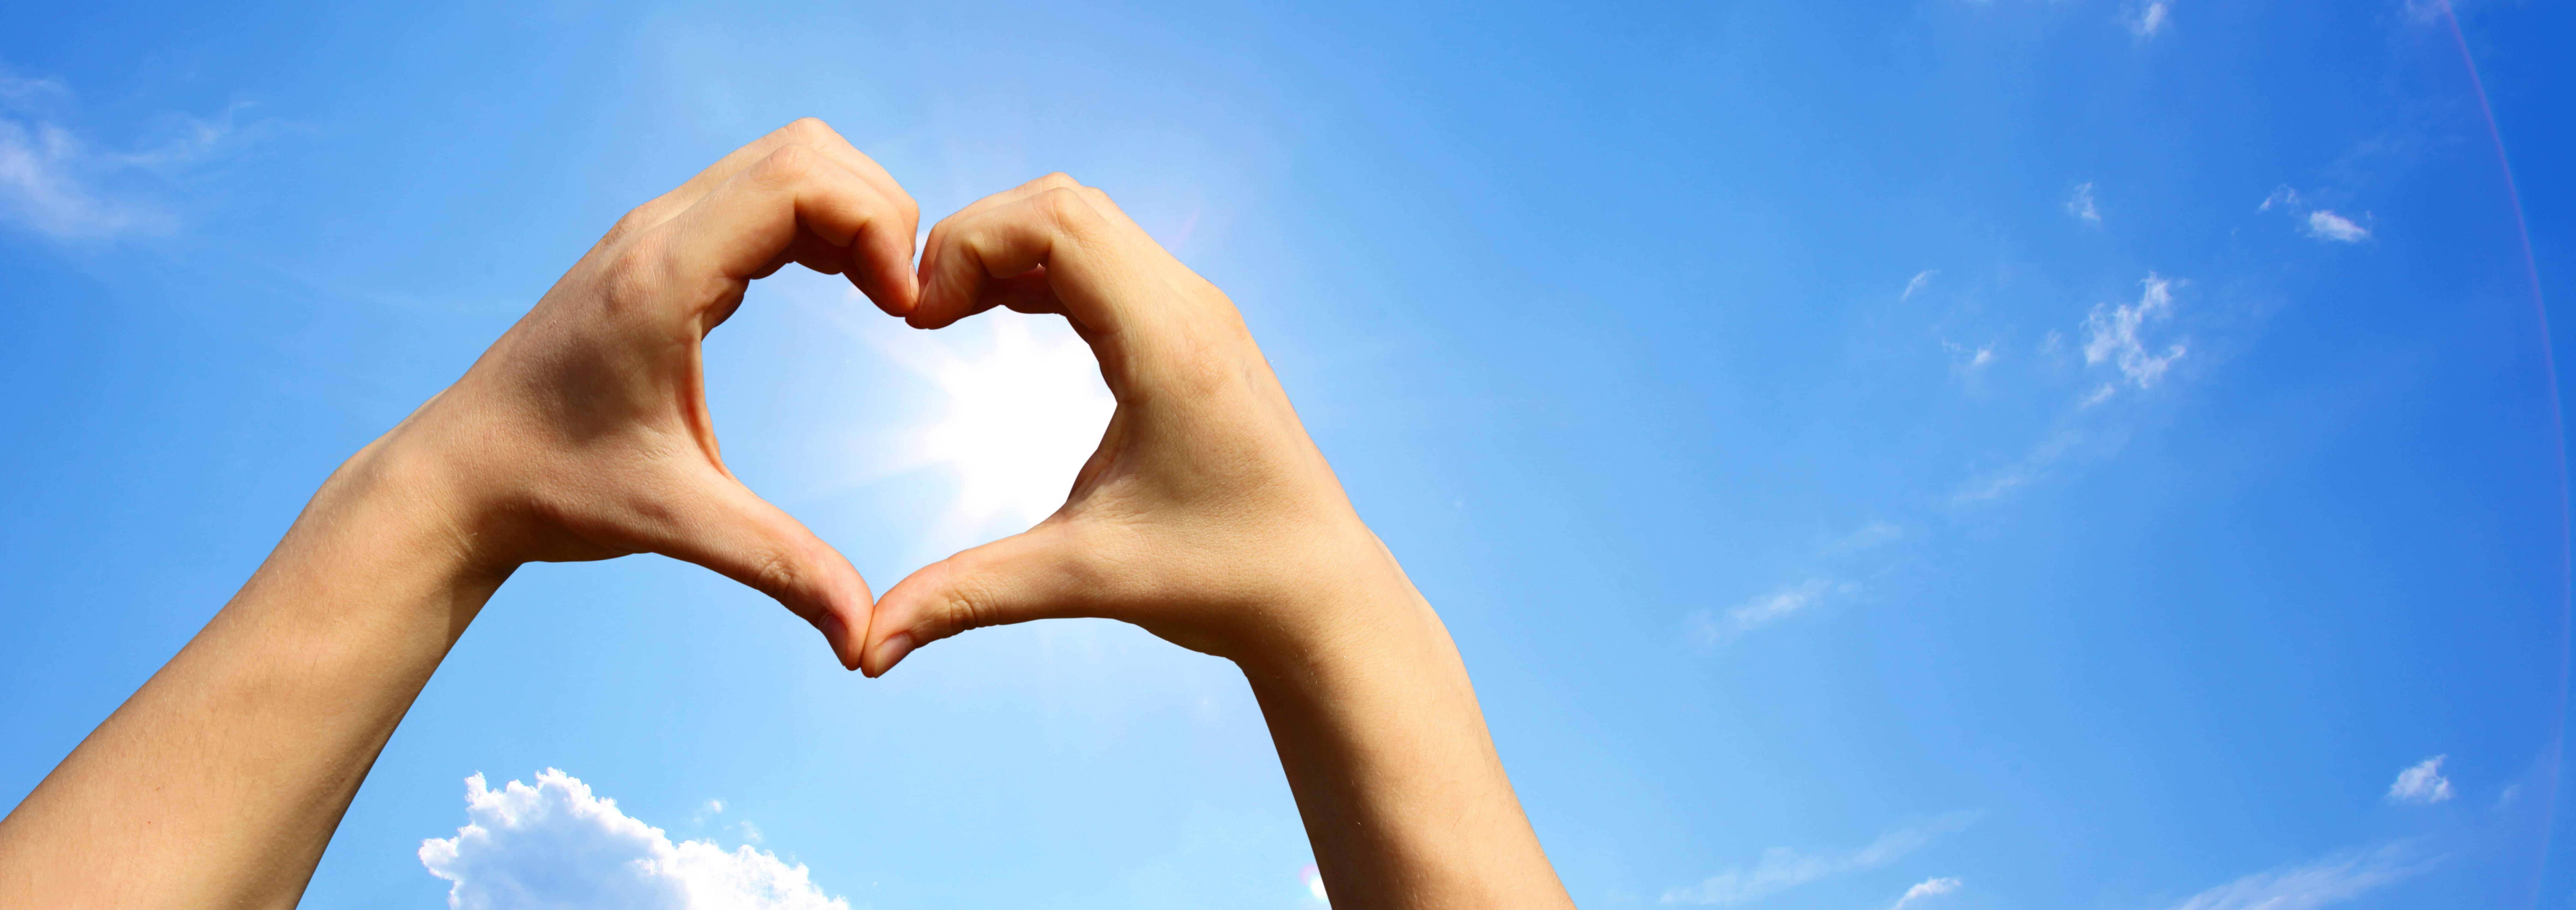 bild på hand som formar hjärta mot solen